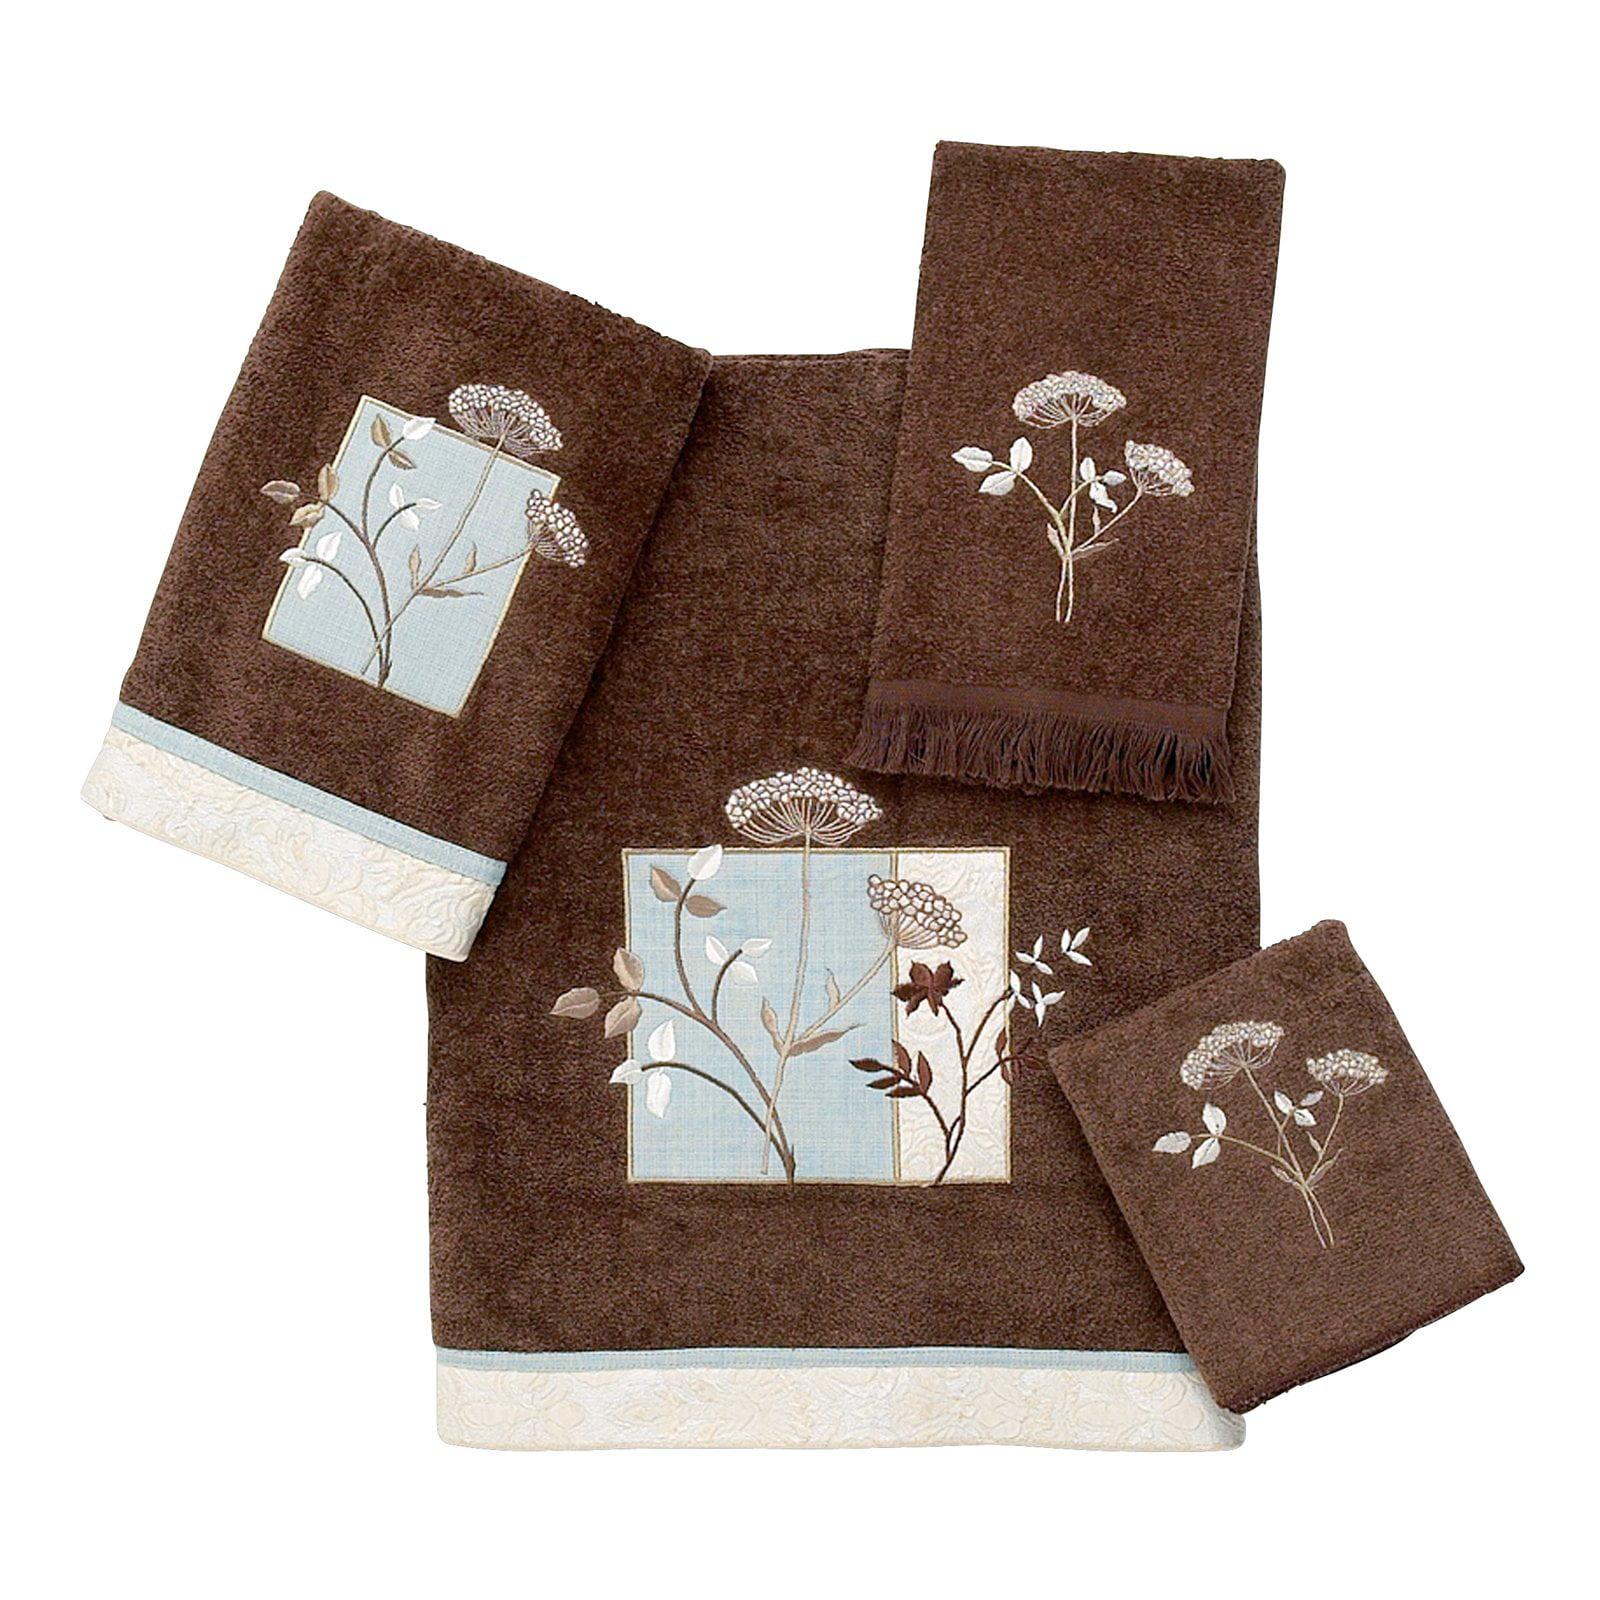 Avanti Linens Queen Anne 4-Piece Towel Set